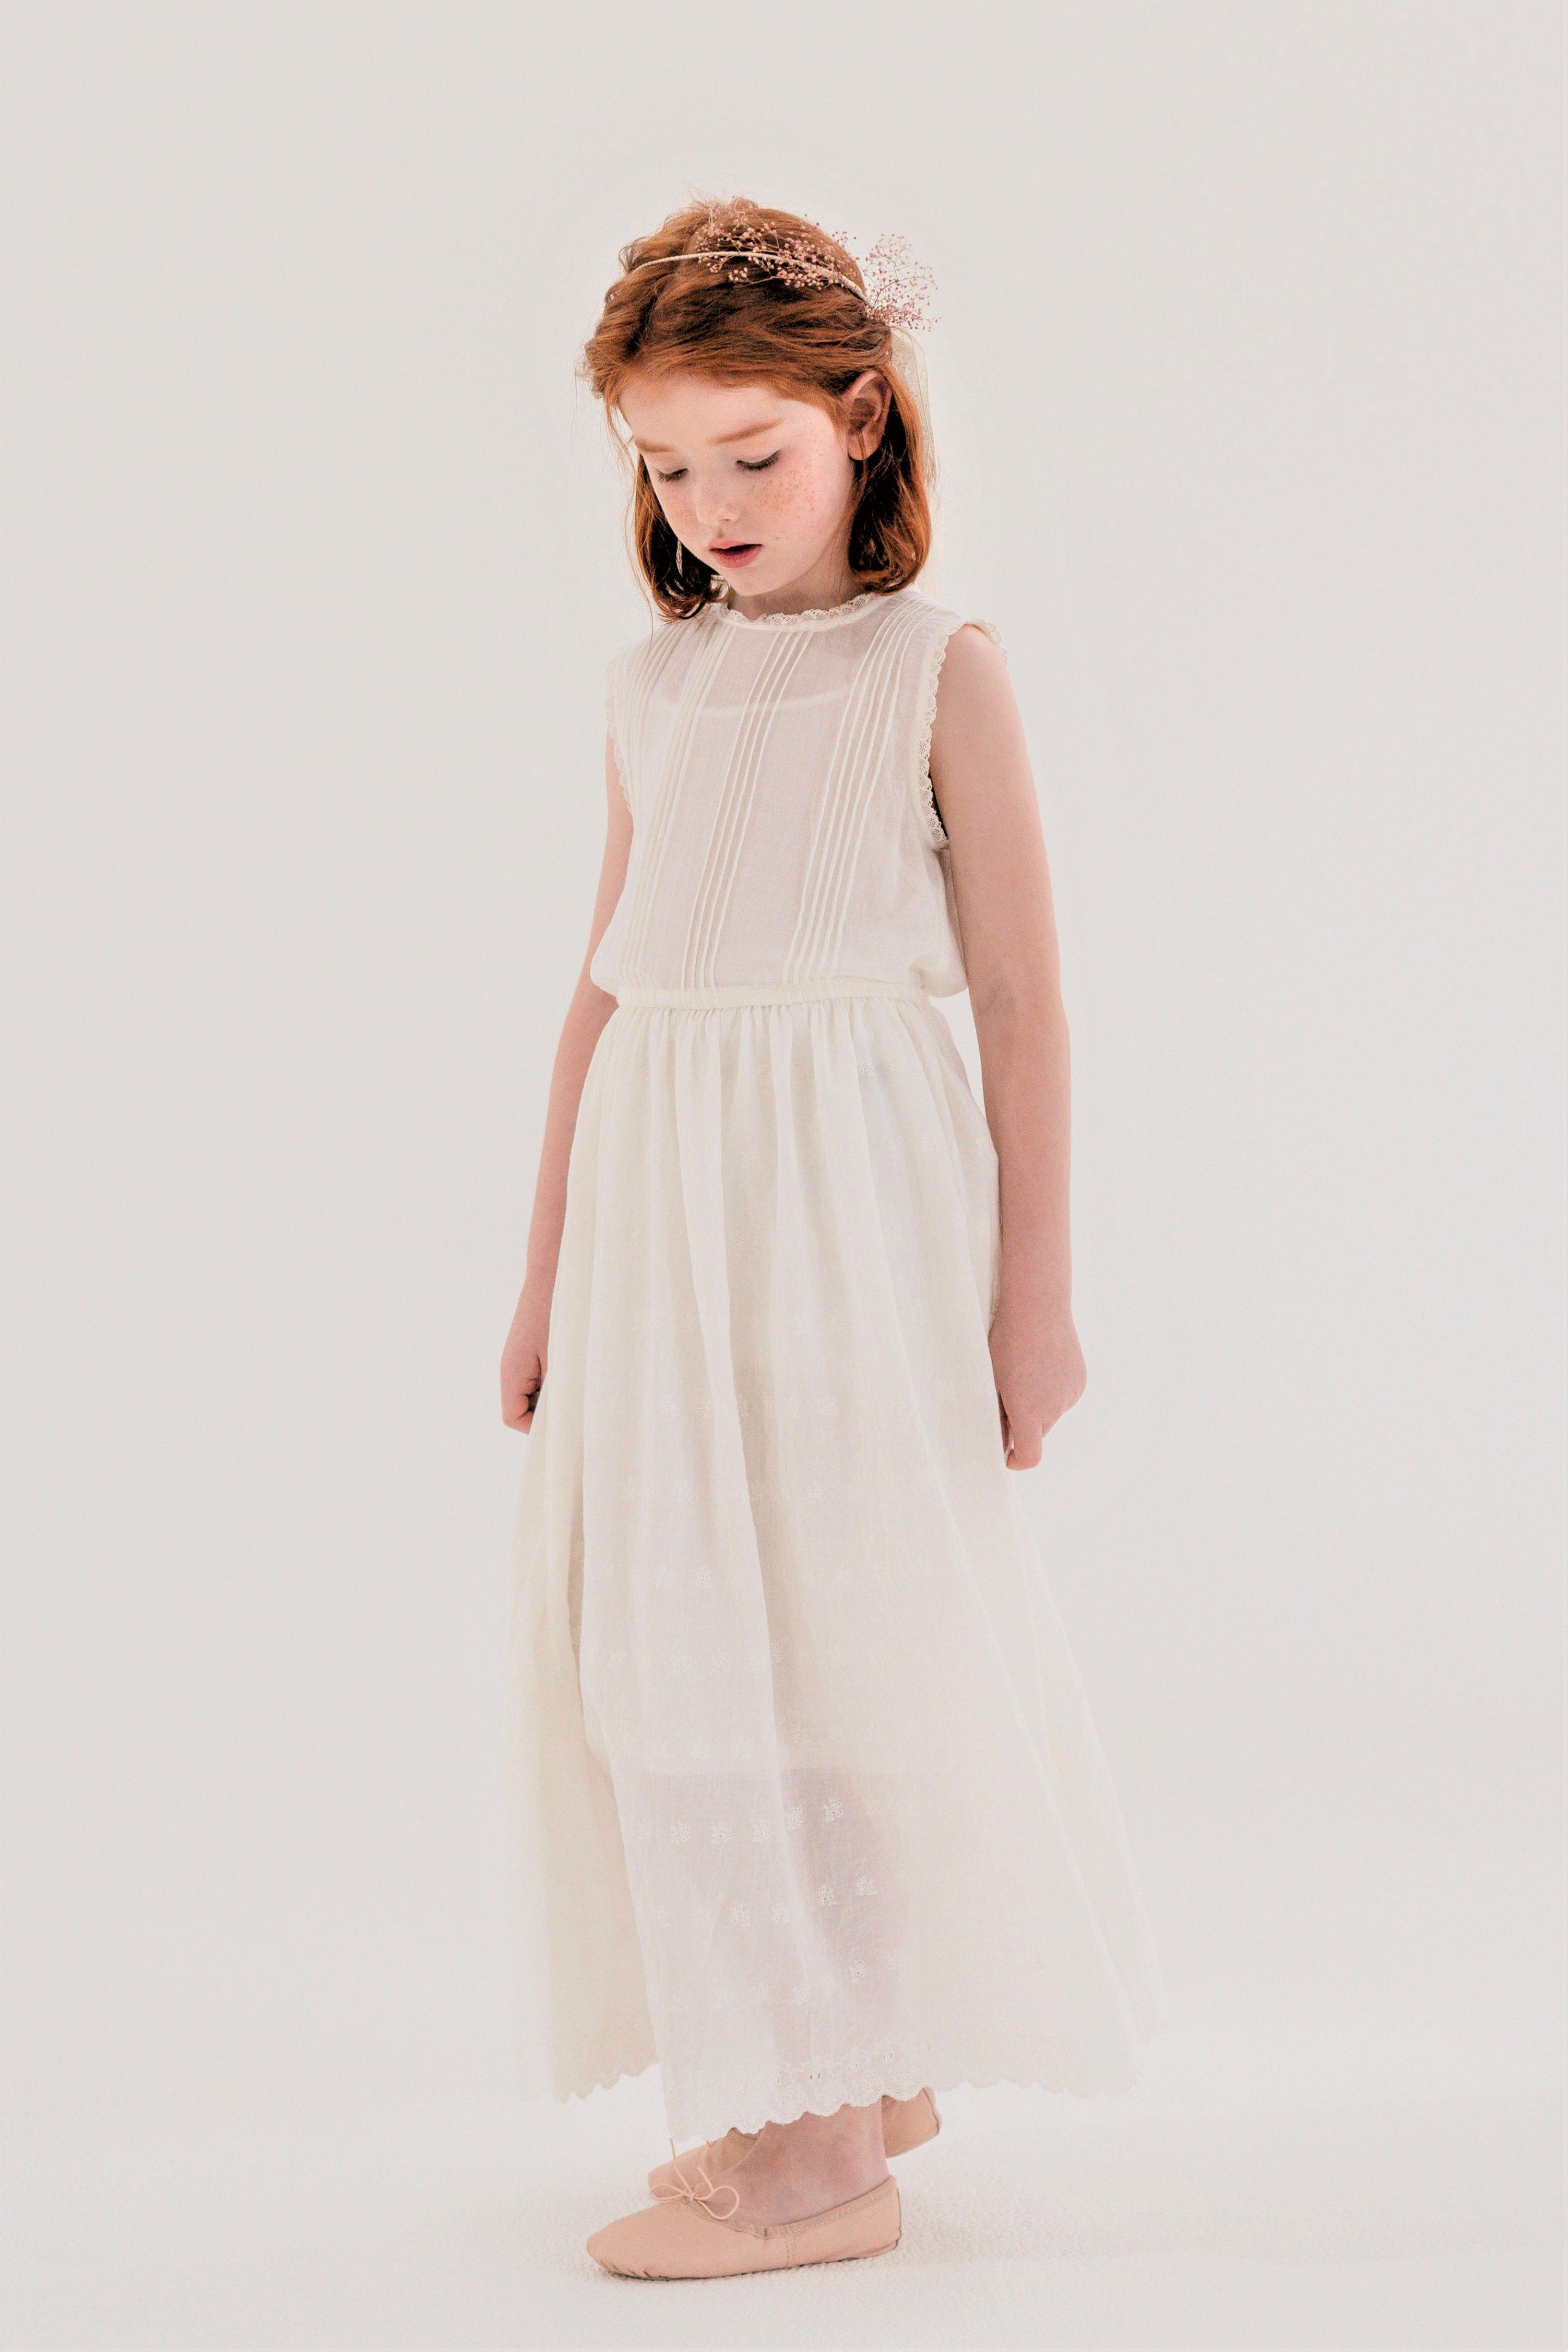 Flower Girl White Dress Louisiella Girls White Dress Dresses Little Girl Outfits [ 4506 x 3004 Pixel ]